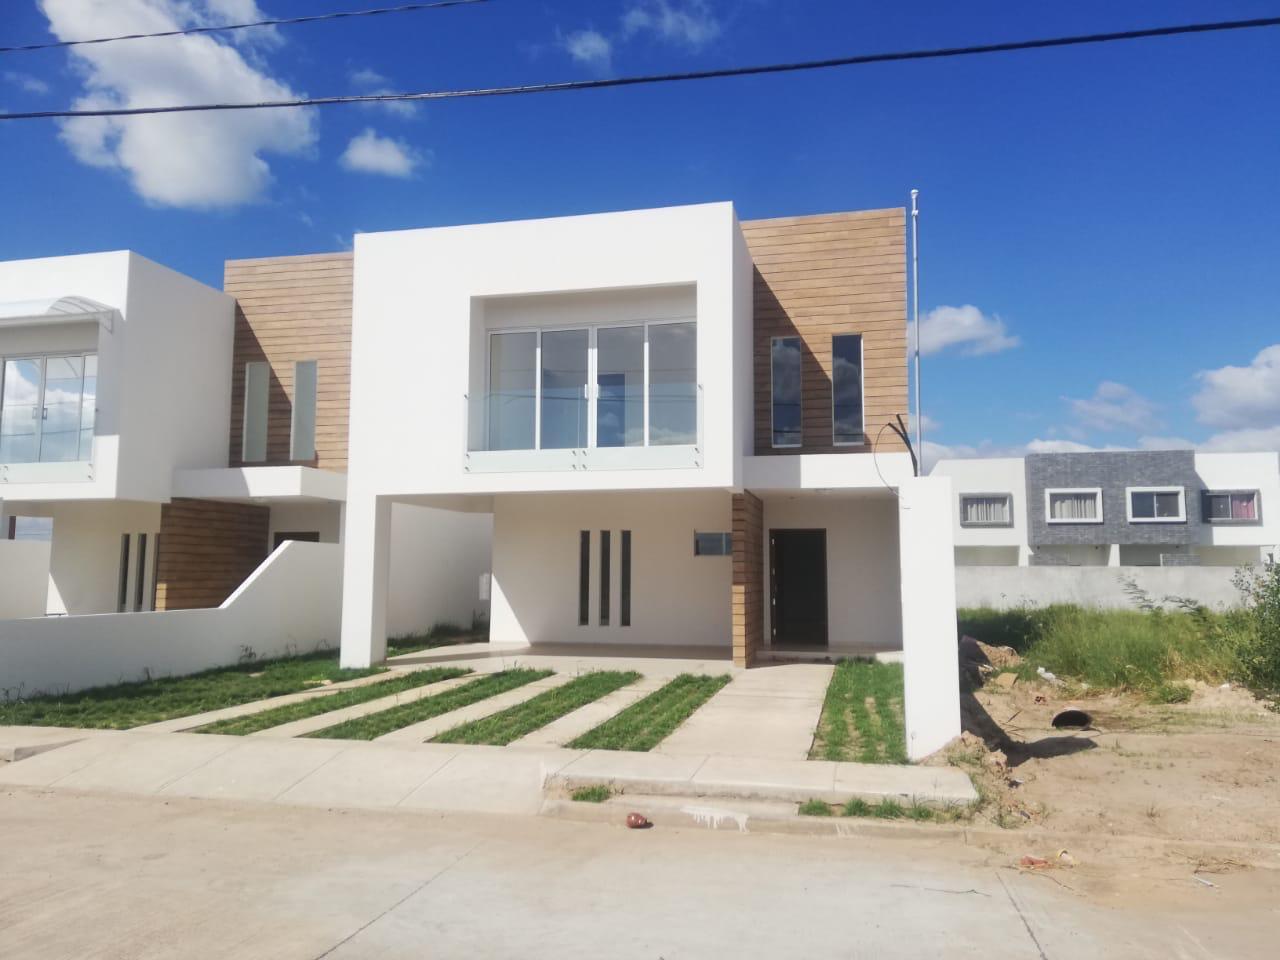 Casa en Venta Carretera a cotoca 8tvo anillo entrando por la casona Foto 1